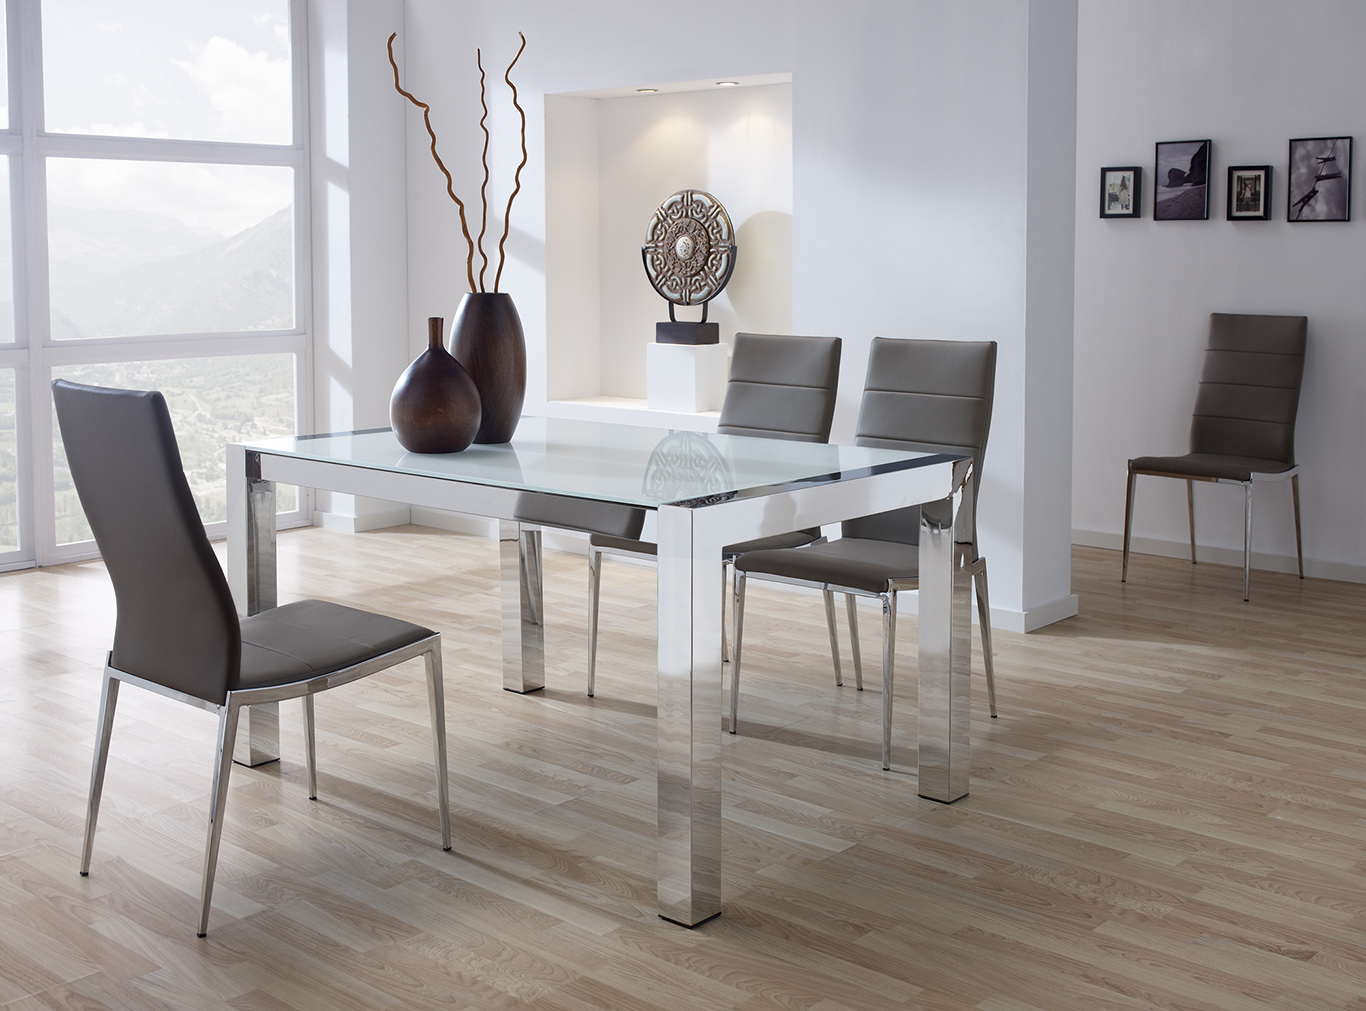 Mesas de comedor modernas for Comedor pequea o 4 sillas